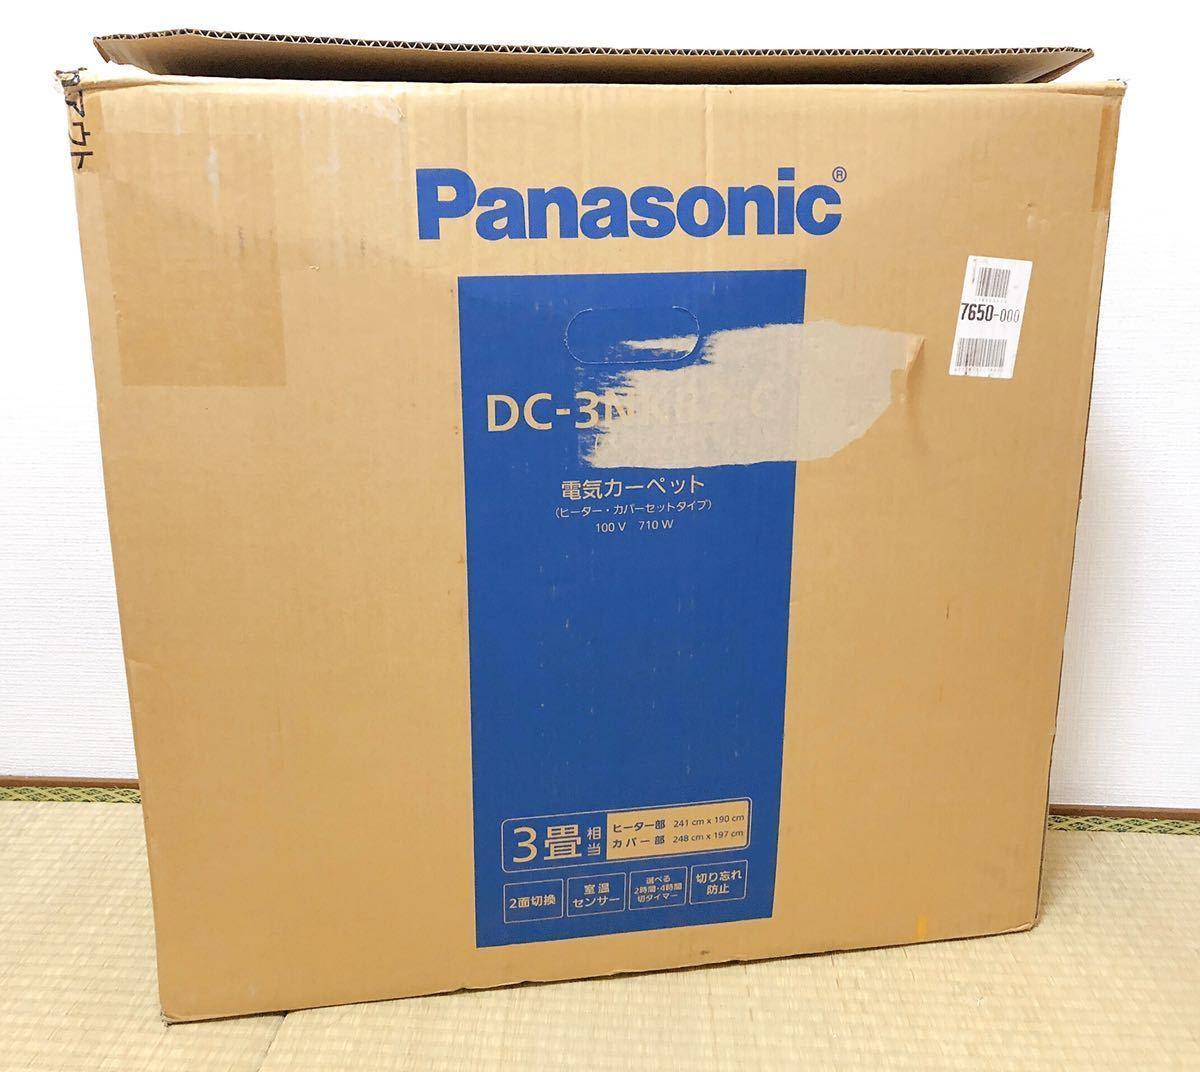 2019年9月購入 ほぼ未使用 パナソニック ホットカーペット DC-3NKB2-C 着せかえカバー付きセット ベージュ Panasonic 3畳~ 領収書発行可_画像1